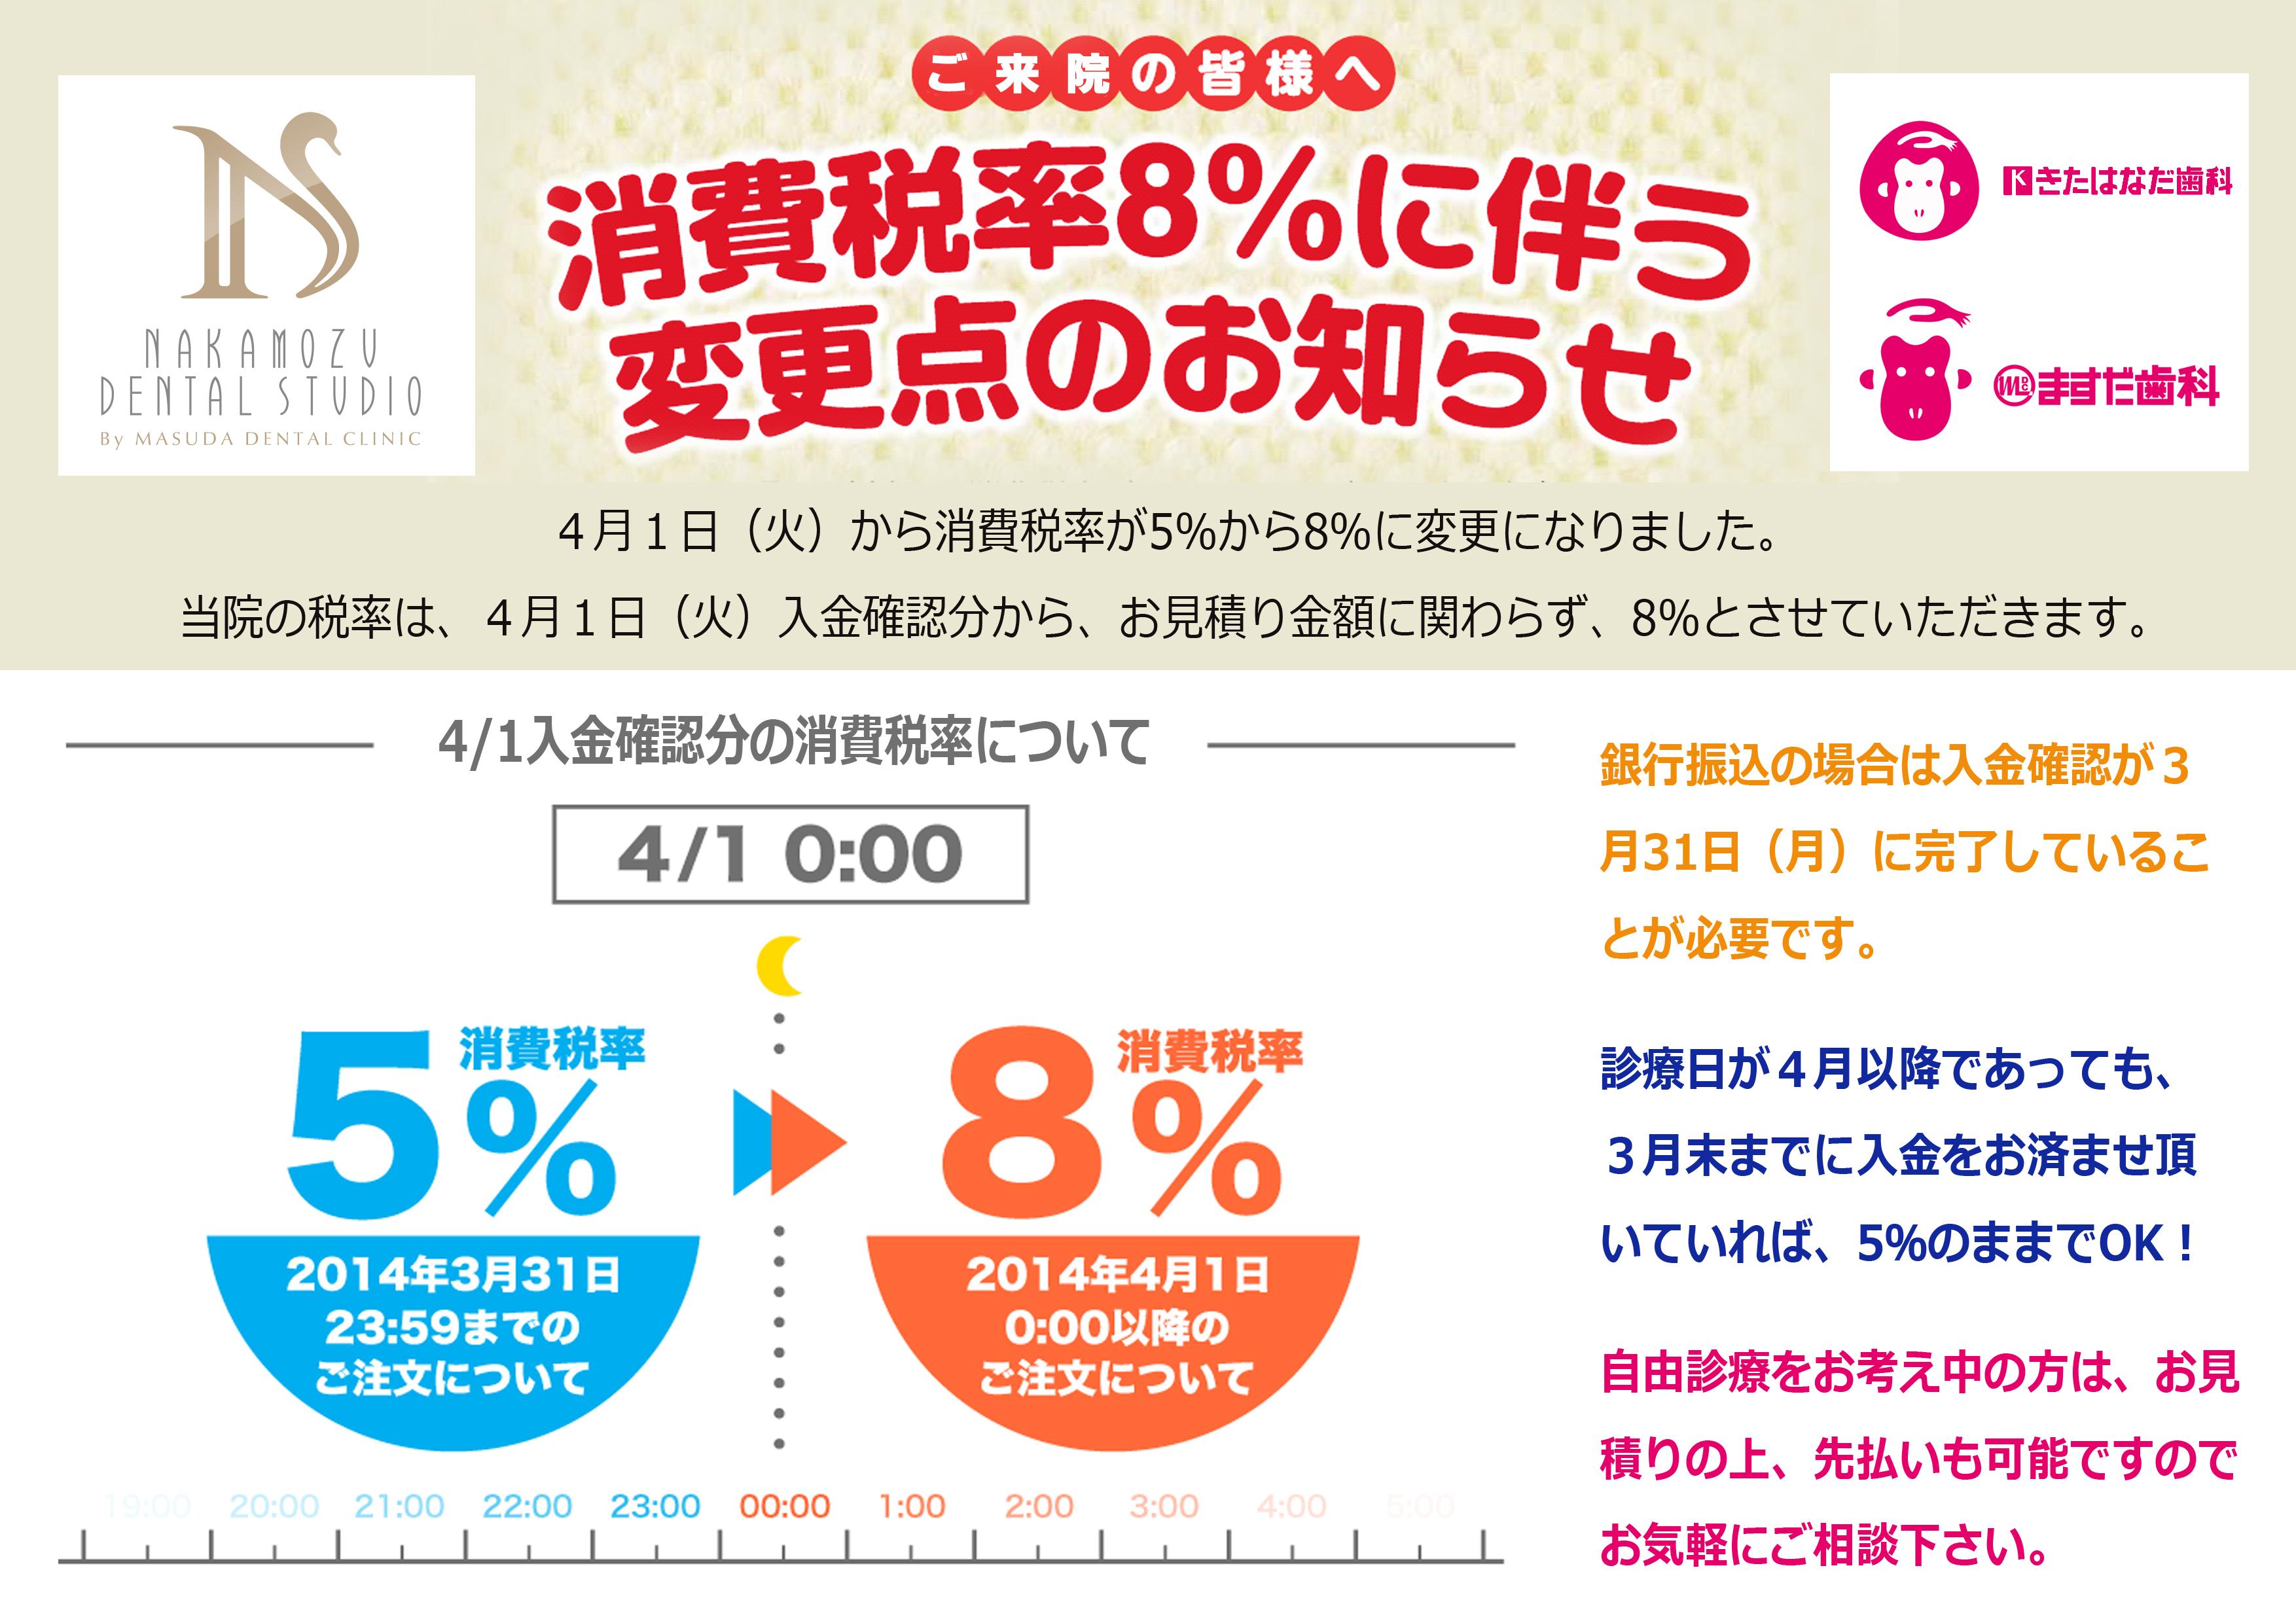 消費税変更のお知らせ 3院 (1).jpg